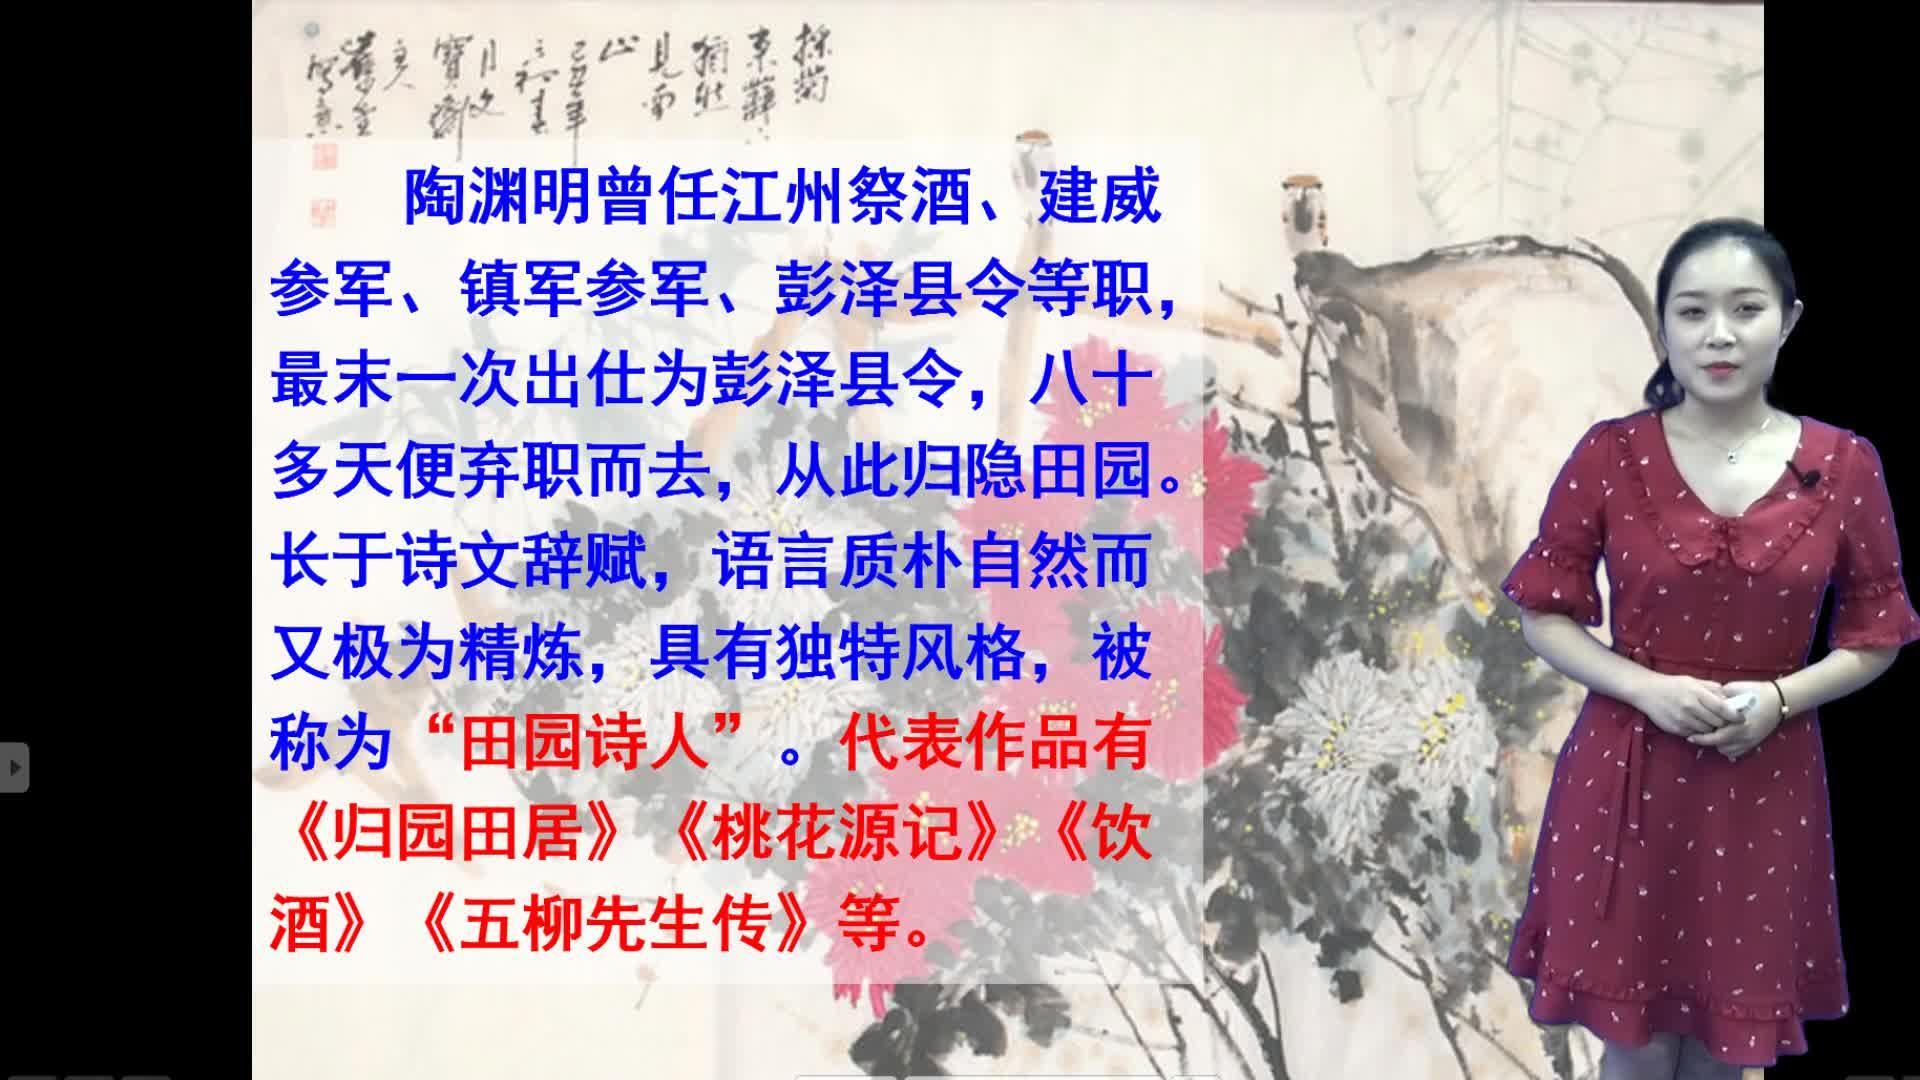 廊坊十中-人教版 八年级语文上册 第六单元 第24课《饮酒(其五)》韩瑜丛